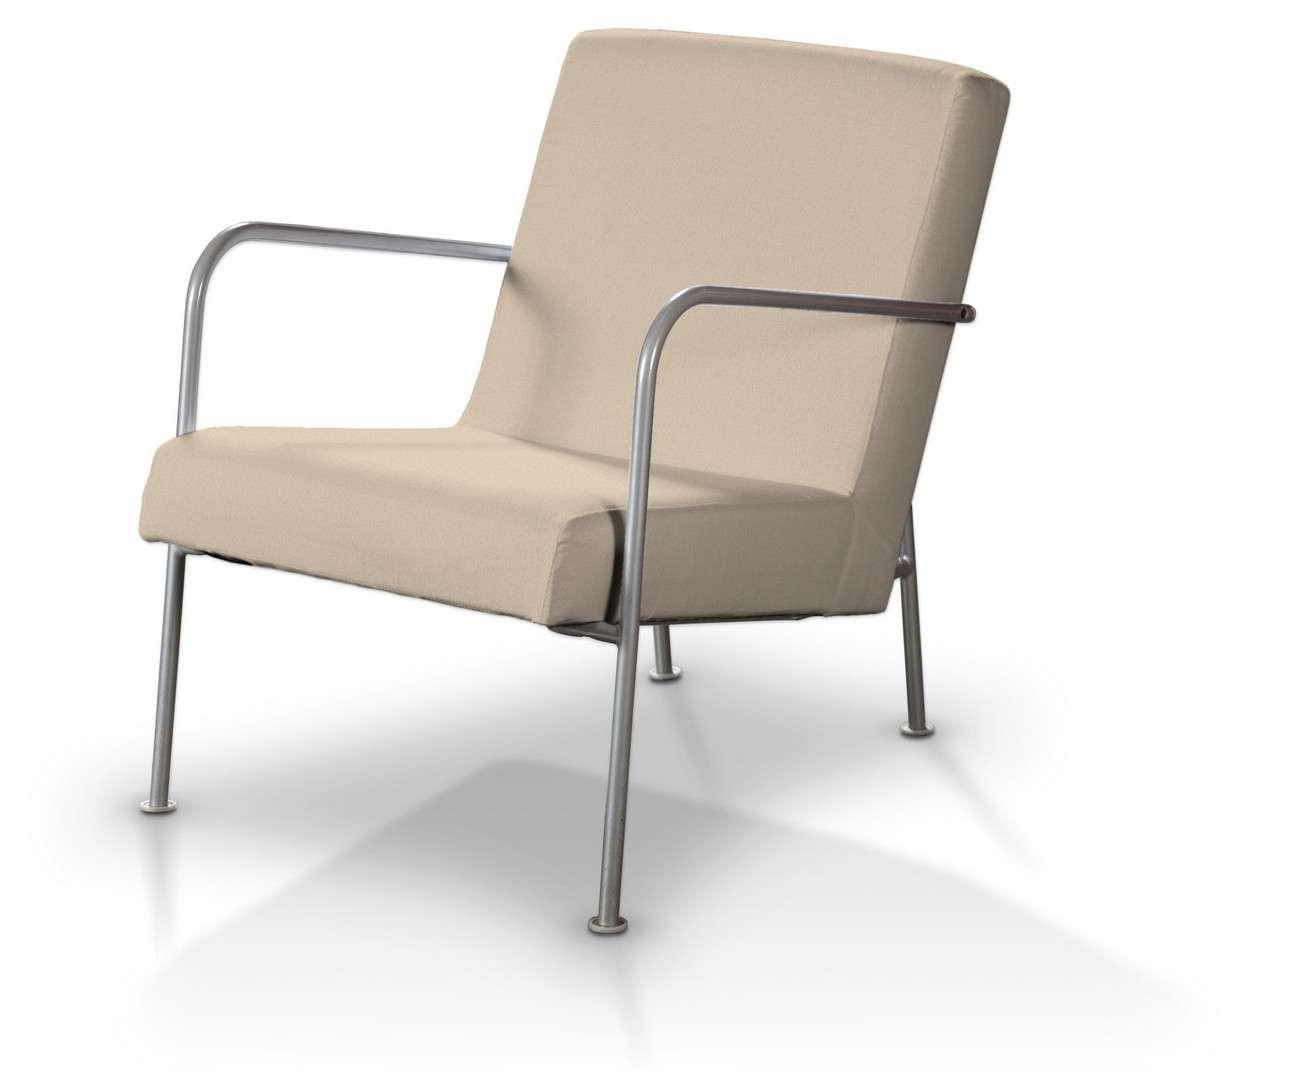 Pokrowiec na fotel Ikea PS w kolekcji Living, tkanina: 160-61